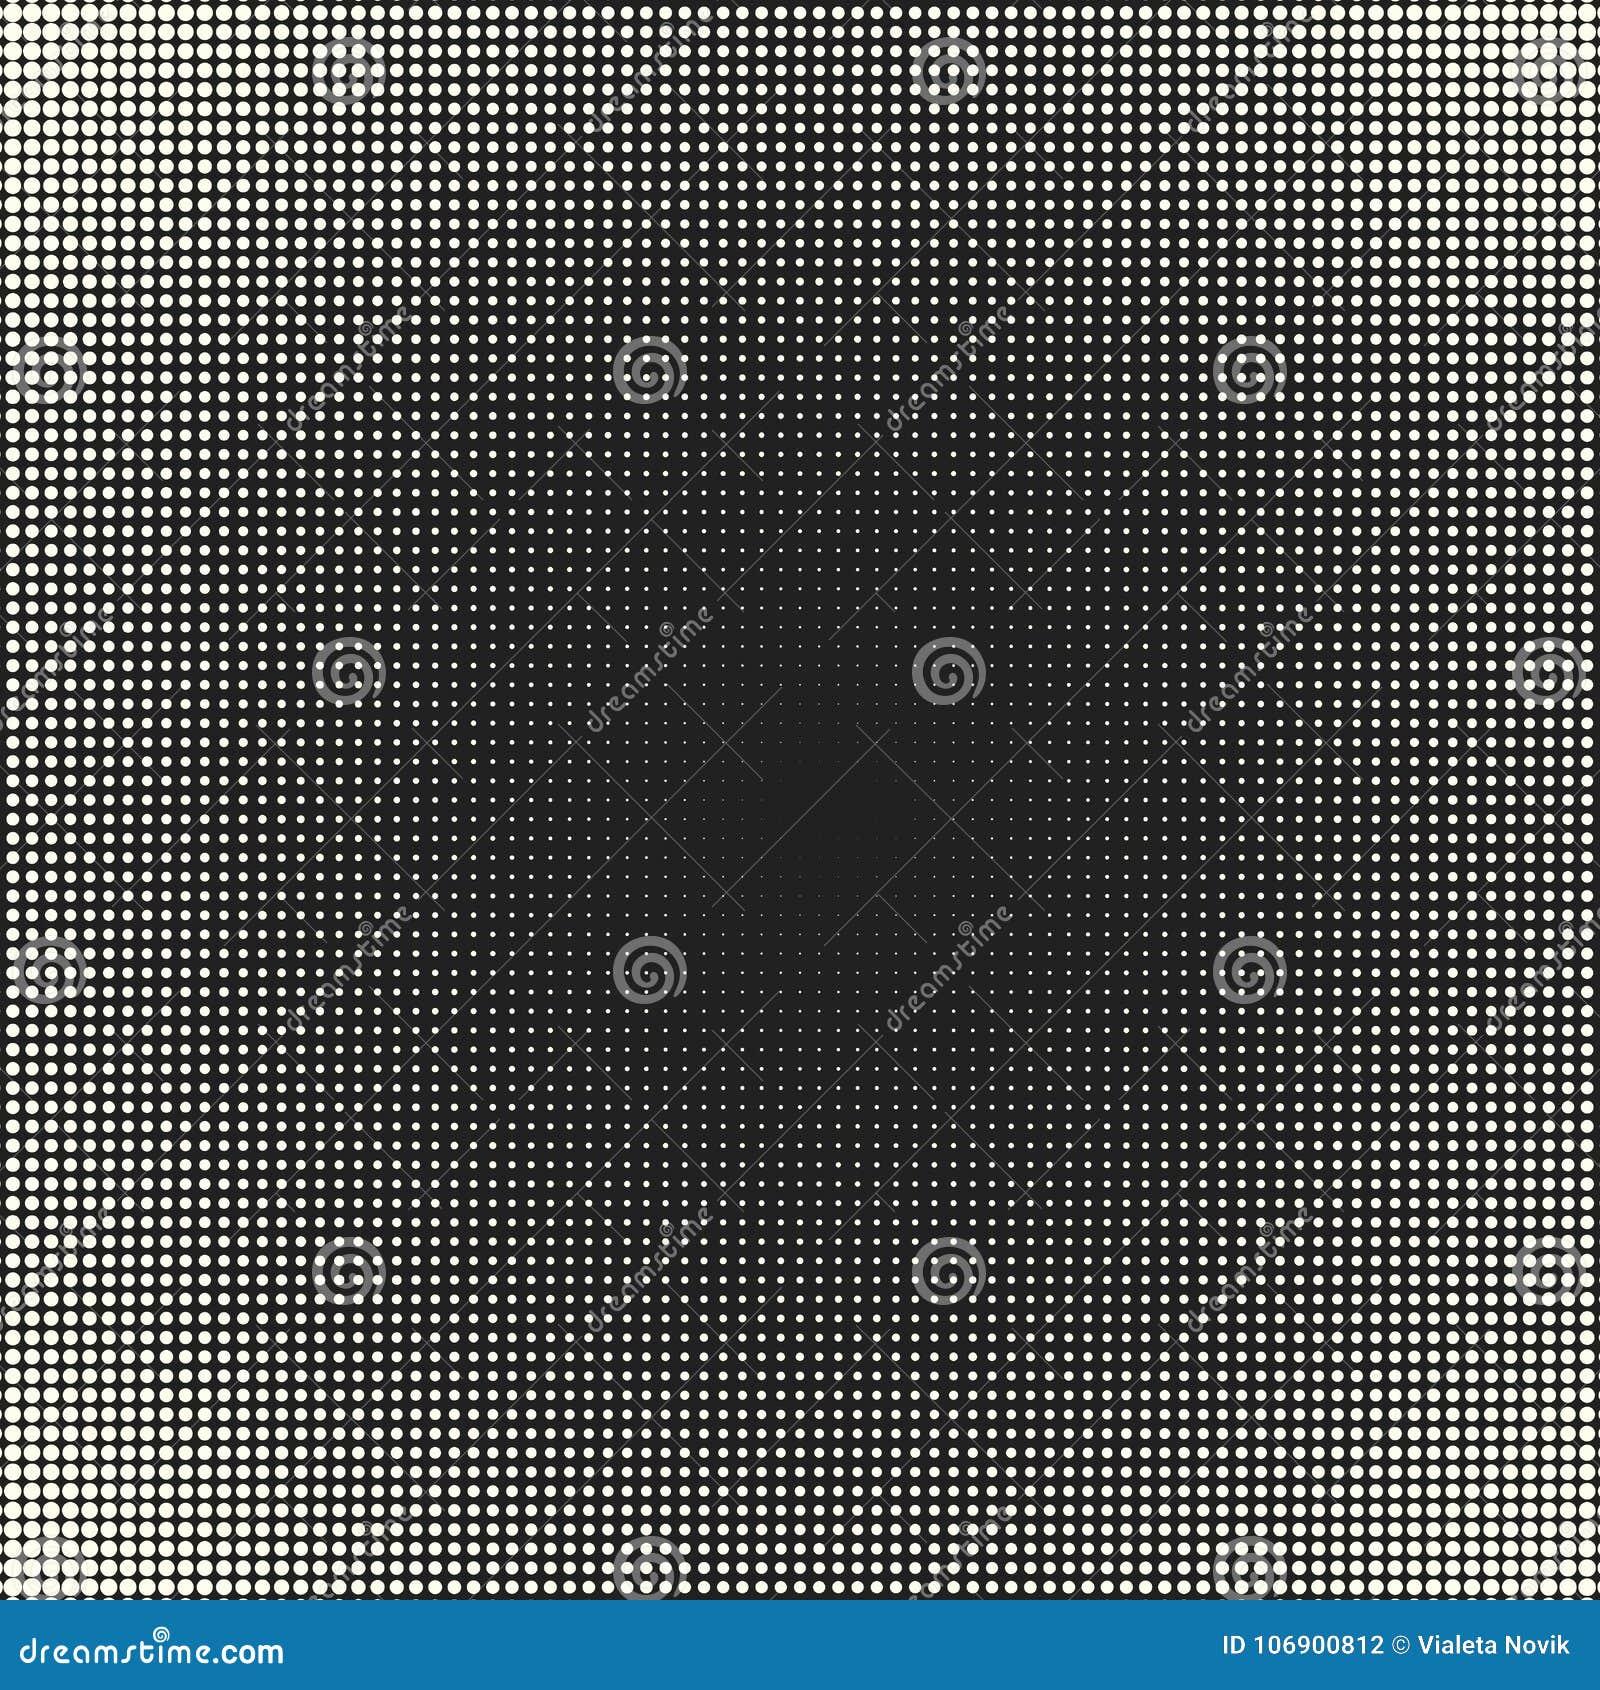 Wektorowy monochrom okrąża halftone tło